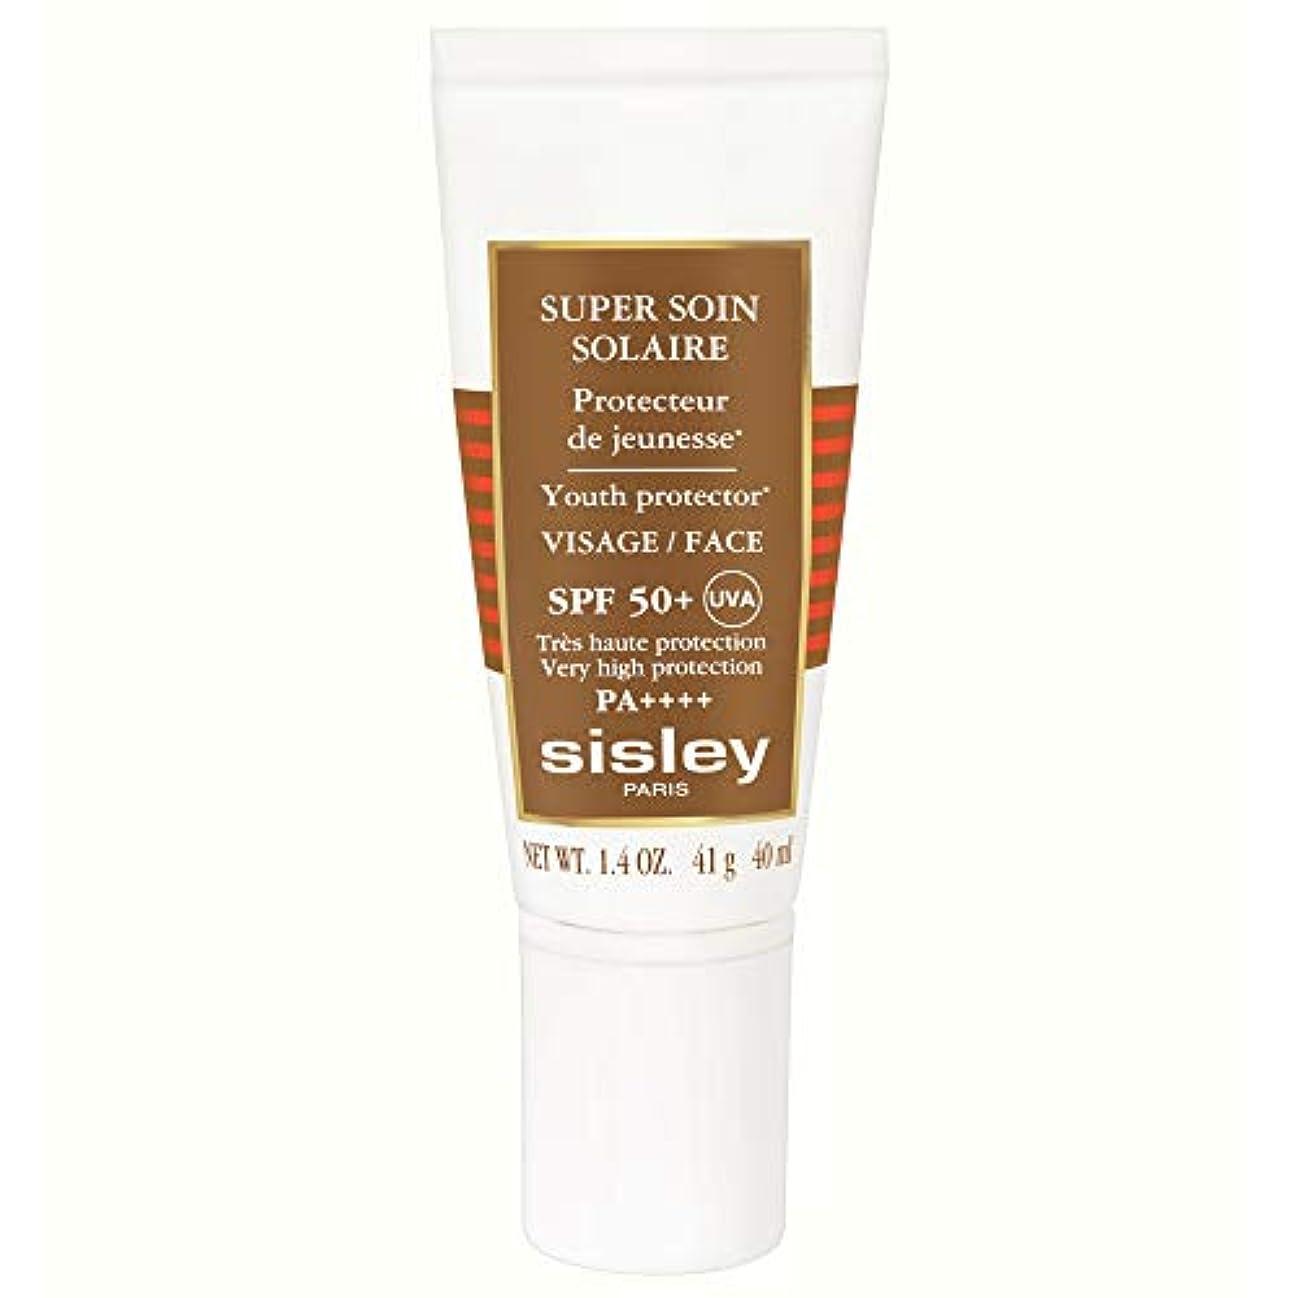 接尾辞武装解除ペインギリック[Sisley] シスレースーパーSoinフェイシャル日クリームSpf50 + 40ミリリットル - Sisley Super Soin Facial Sun Cream Spf50+ 40ml [並行輸入品]